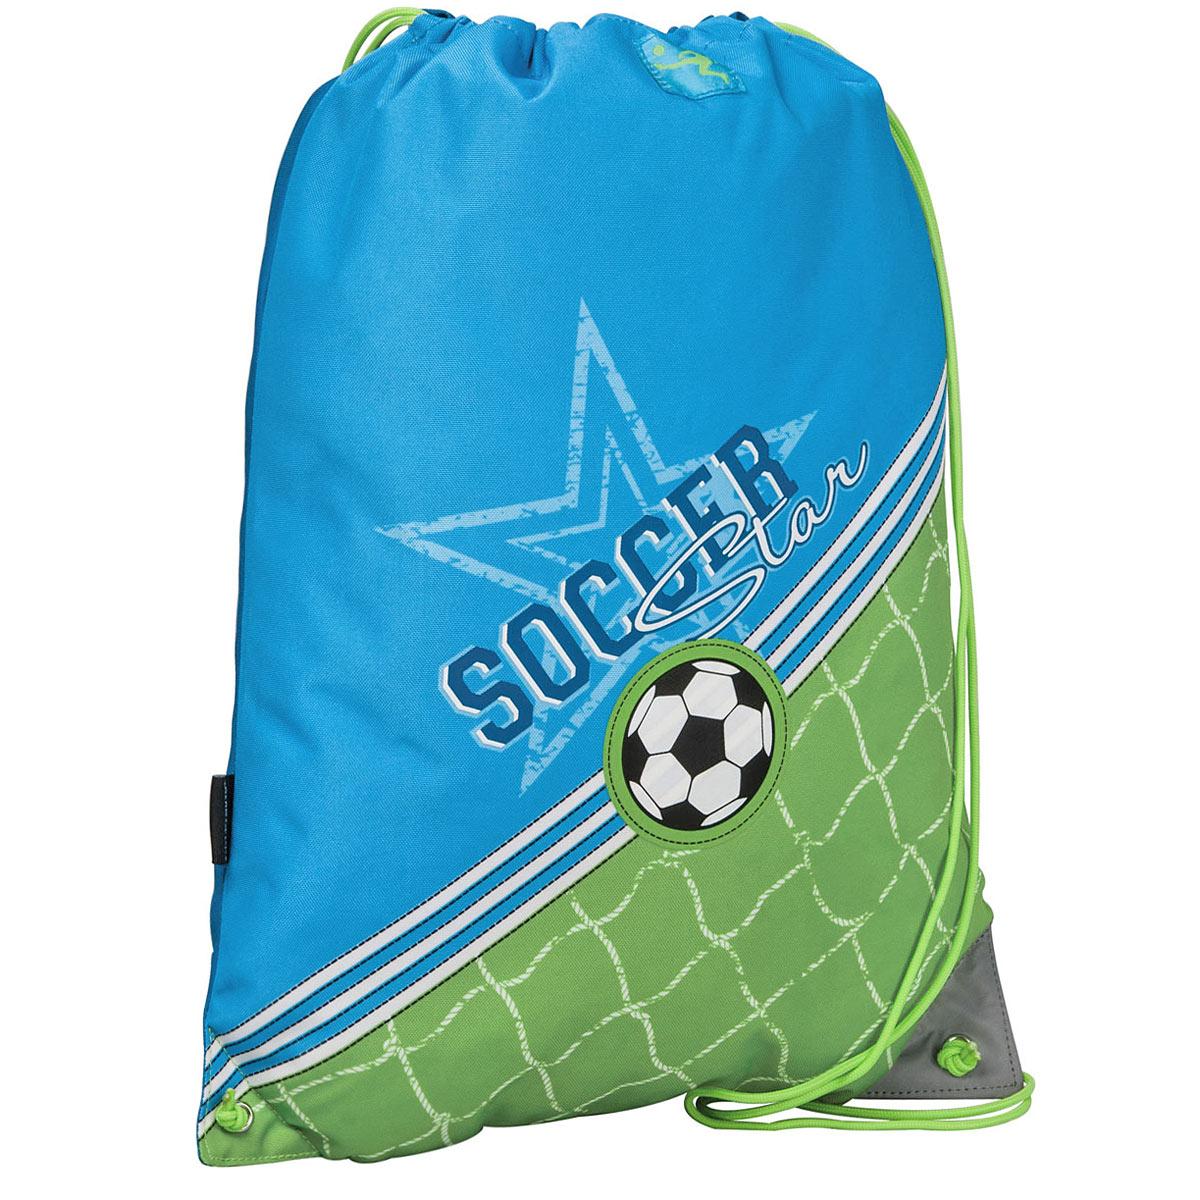 Сумка для сменной обуви Erich Krause Soccer, цвет: голубой, зеленый37173Сумку Erich Krause Soccer удобно использовать как для хранения, так и для переноски сменной обуви. Яркая сумка выполнена из высококачественного прочного полиэстера и оформлена термоаппликацией в виде футбольного мяча и надписью Soccer Star.Сумка затягивается сверху при помощи текстильных шнурков. Шнурки фиксируются в нижней части сумки, благодаря чему ее можно носить за спиной как рюкзак. Светоотражающие вставки на сумке не оставят вашего ребенка незамеченным в темное время суток. Рекомендуемый возраст: от 6 лет.